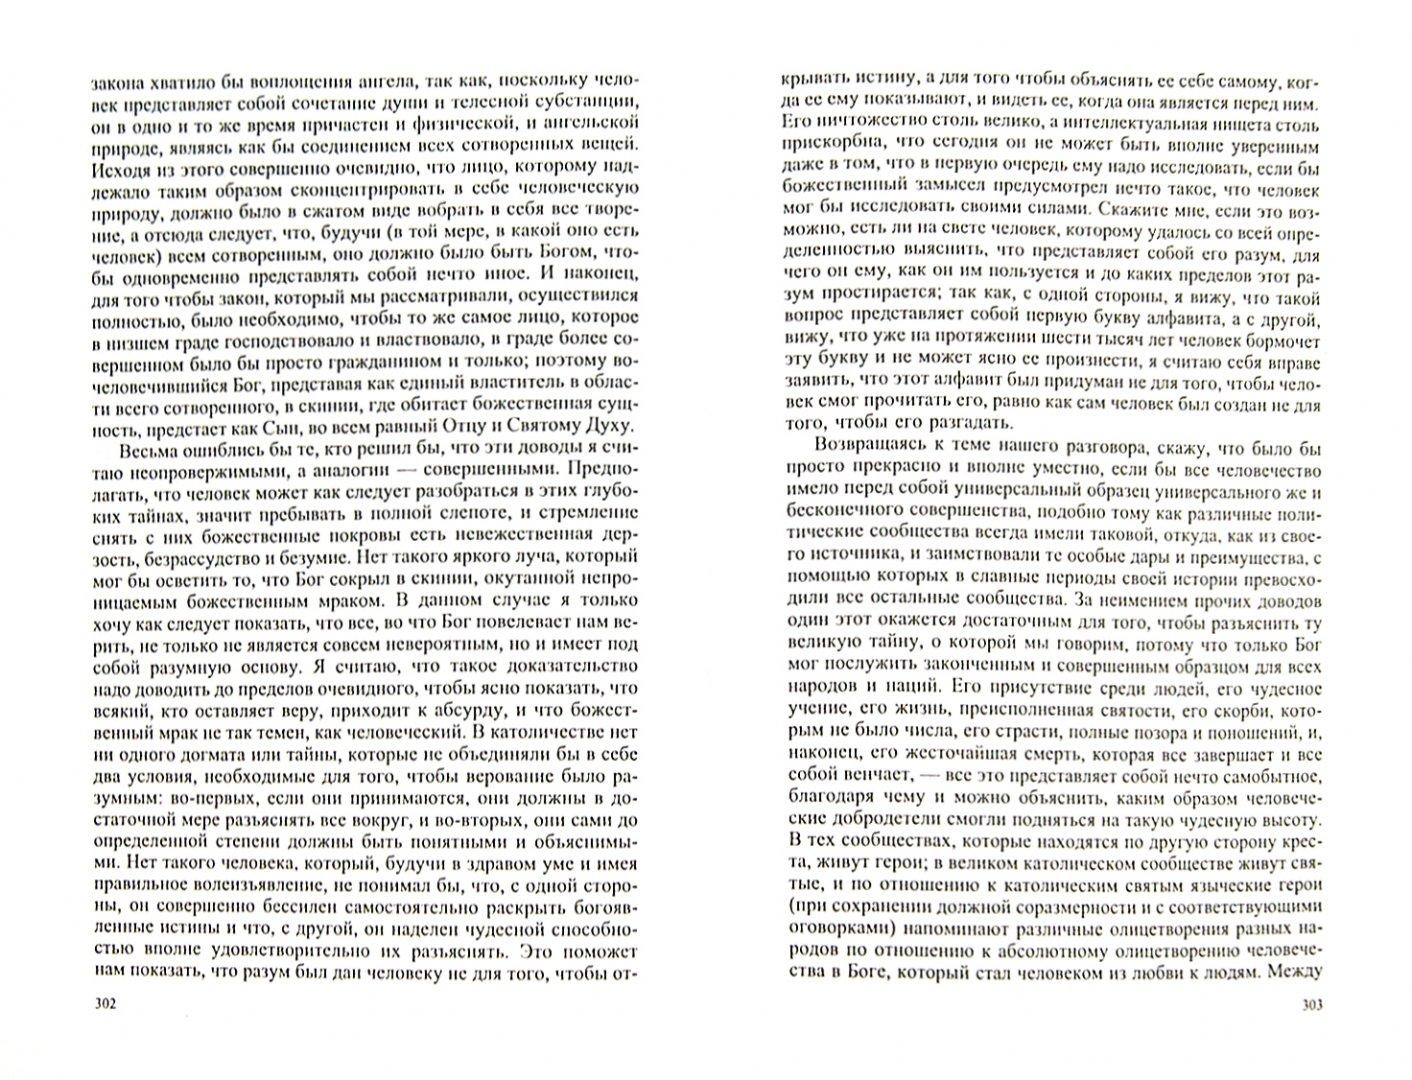 Иллюстрация 1 из 6 для Сочинения - Хуан Кортес | Лабиринт - книги. Источник: Лабиринт